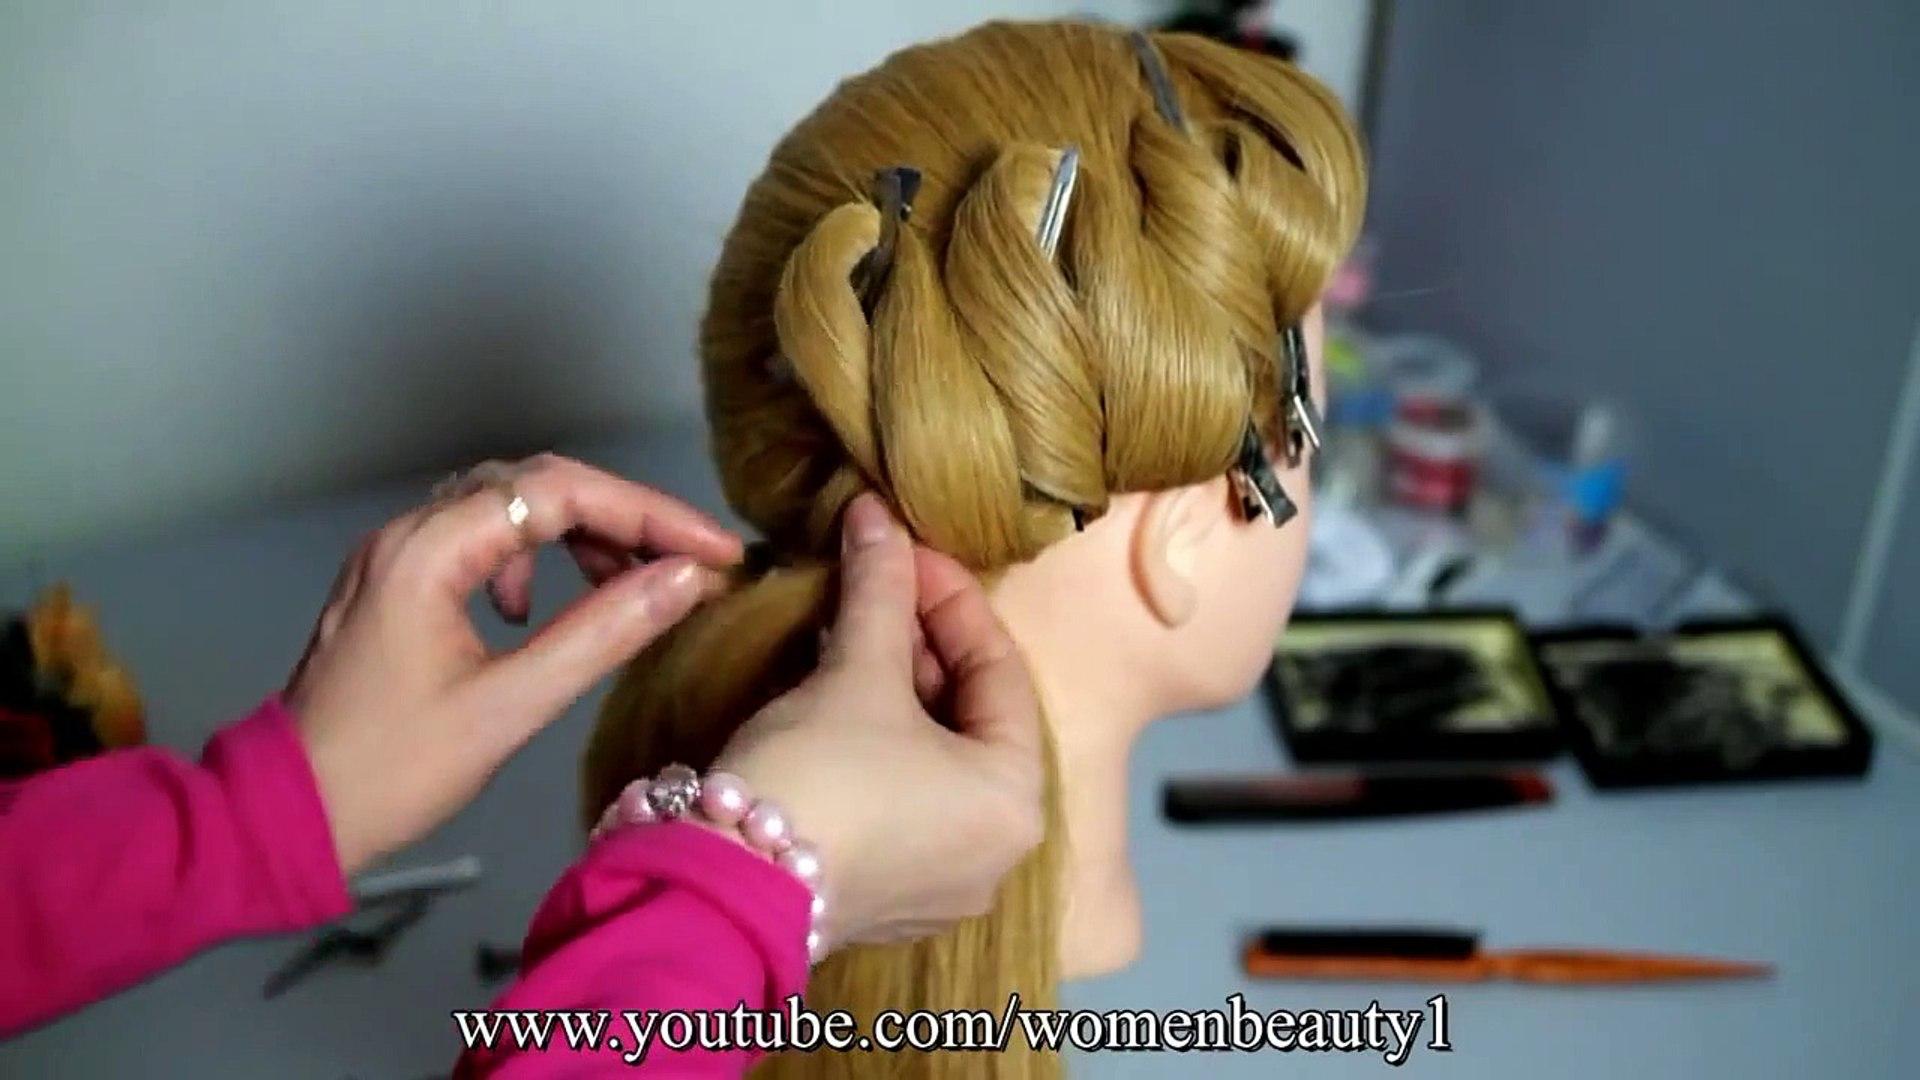 Easy Hairstyle Video DIY hair style ideas hair styles for long hair and medium long hair